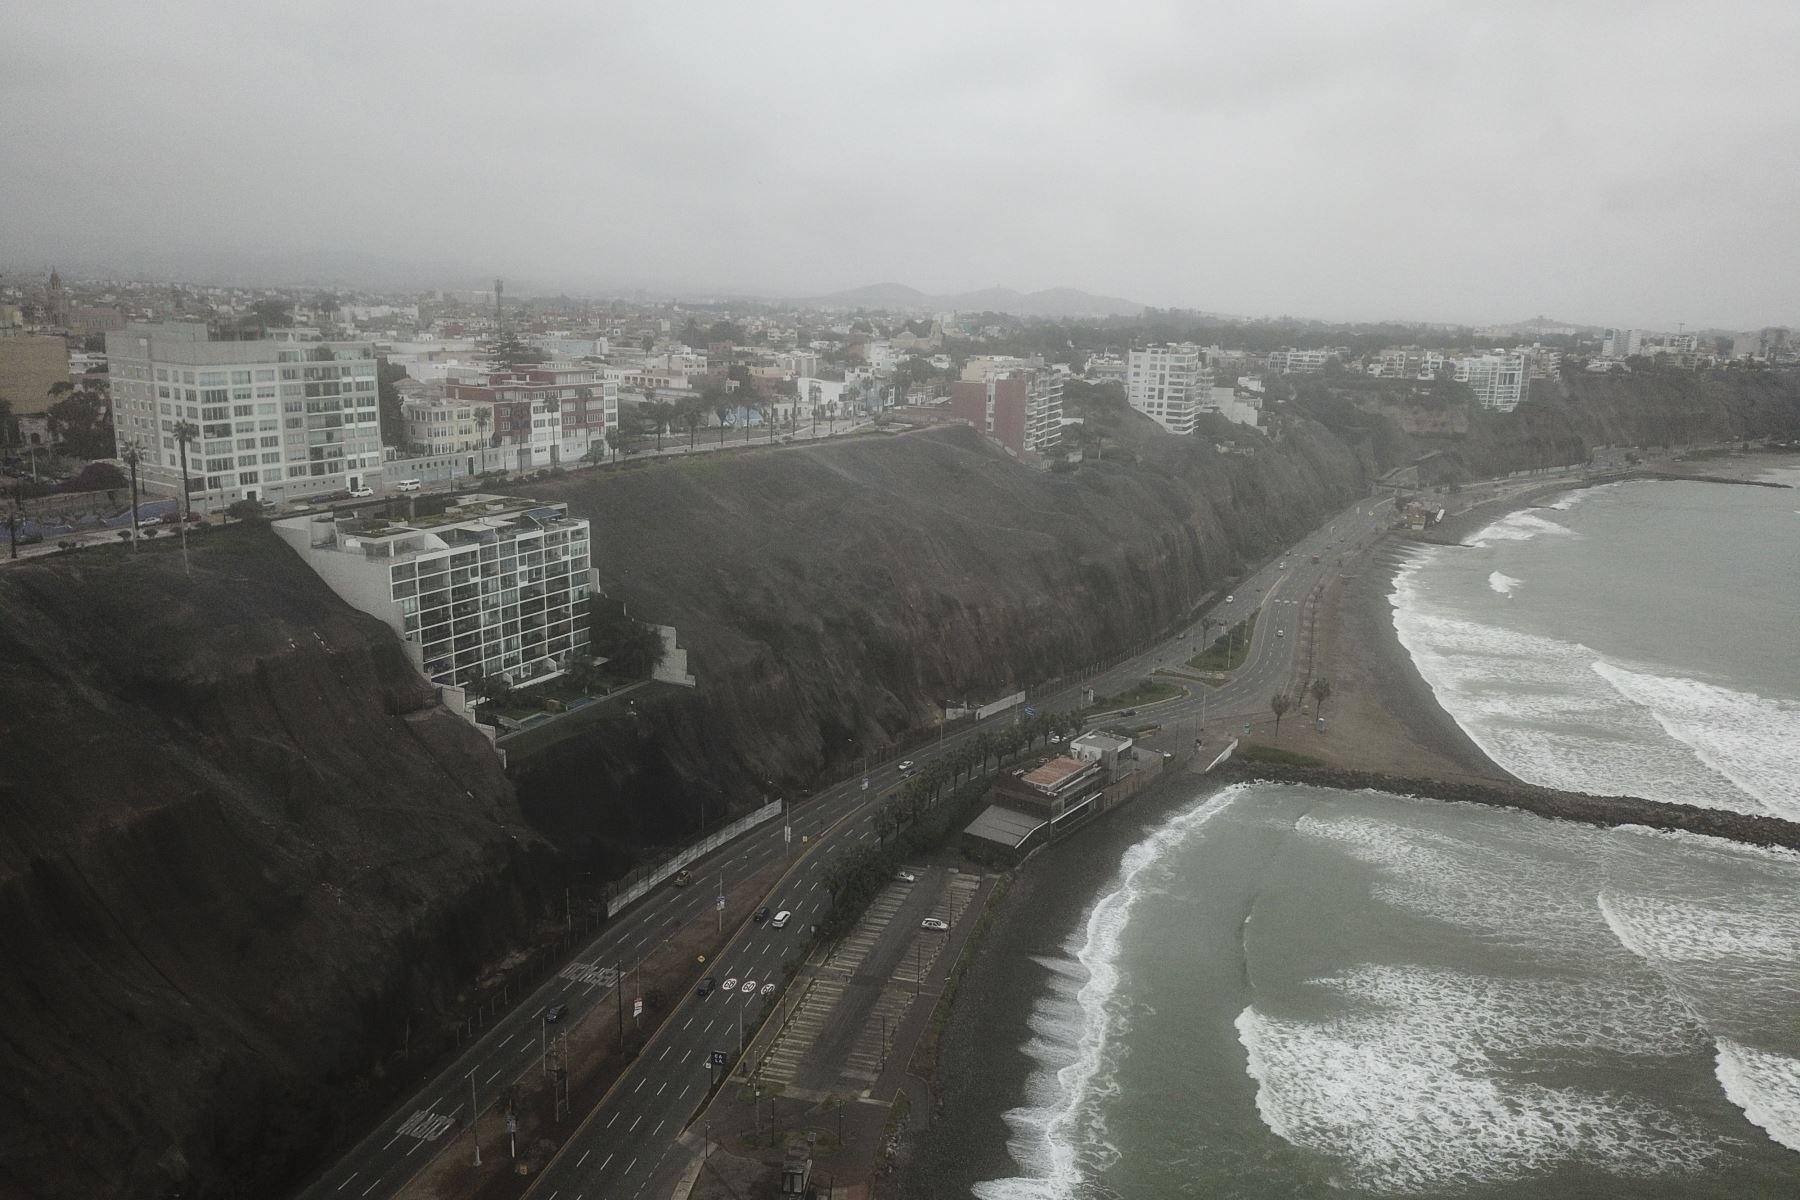 La Municipalidad de Lima anunció que la Costa Verde fue reabierta esta mañana tras su cierre por desprendimiento de piedras a causa del sismo de 6 grados que sacudió Lima anoche. Las autoridades competentes realizan trabajos de limpieza en la vía. Foto: ANDINA/Juan Carlos Guzmán